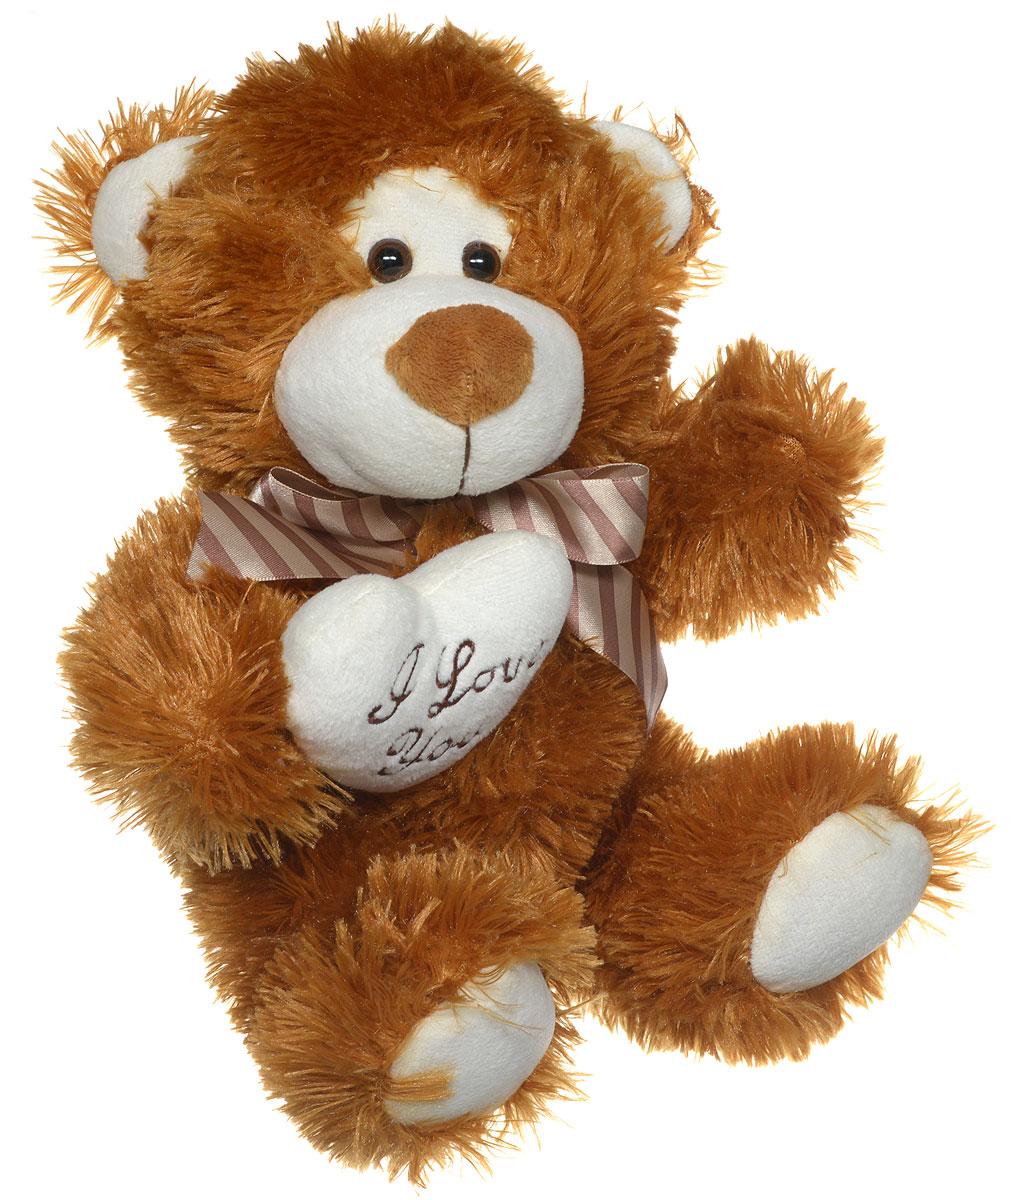 Button Blue Мягкая игрушка Мишка с сердцем цвет коричневый 25 см40-JY-3577/25_коричневыйЧудесная мягкая игрушка Button Blue Мишка с сердцем, выполненная в виде милого медведя, вызовет радость как у взрослого, так и у ребенка. Мишка изготовлен из полиакрила и модакрила с набивкой из синтепона. Глазки игрушки пластиковые; вокруг шеи повязан бант, а в правой лапке медведь держит сердечко с вышитой надписью I Love You. Удивительно приятная на ощупь, игрушка подарит своему обладателю мгновения нежности и приятных воспоминаний. Такая игрушка станет чудесным подарком к любому празднику.